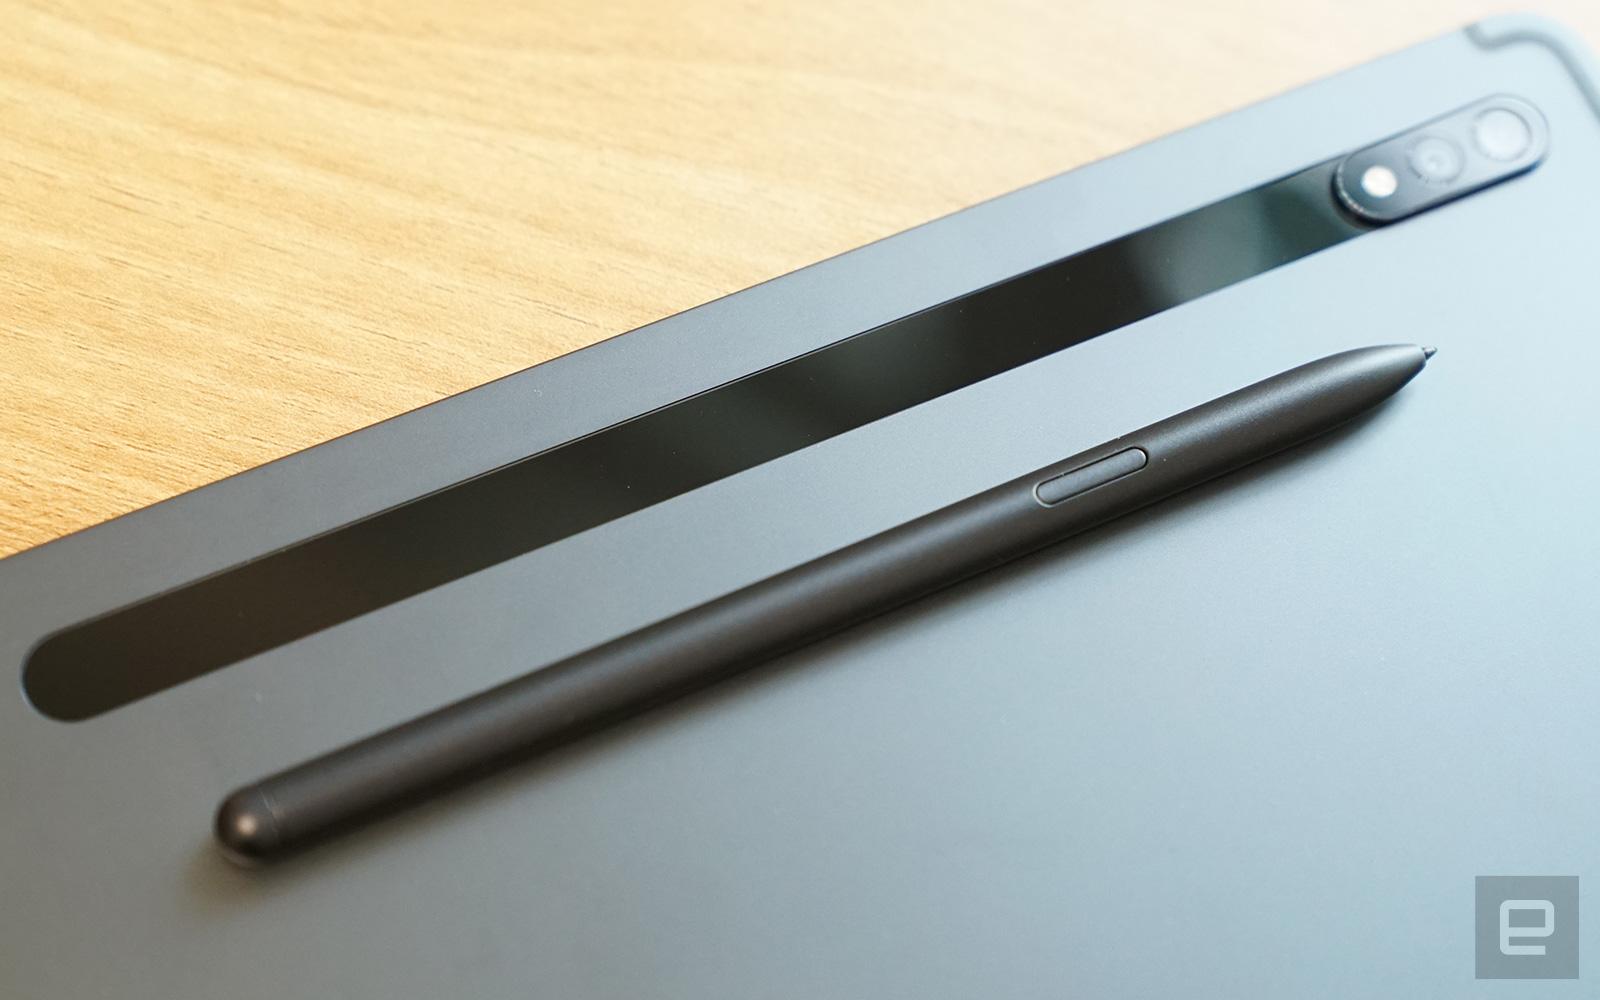 Samsung Galaxy Tab S7+ 評測